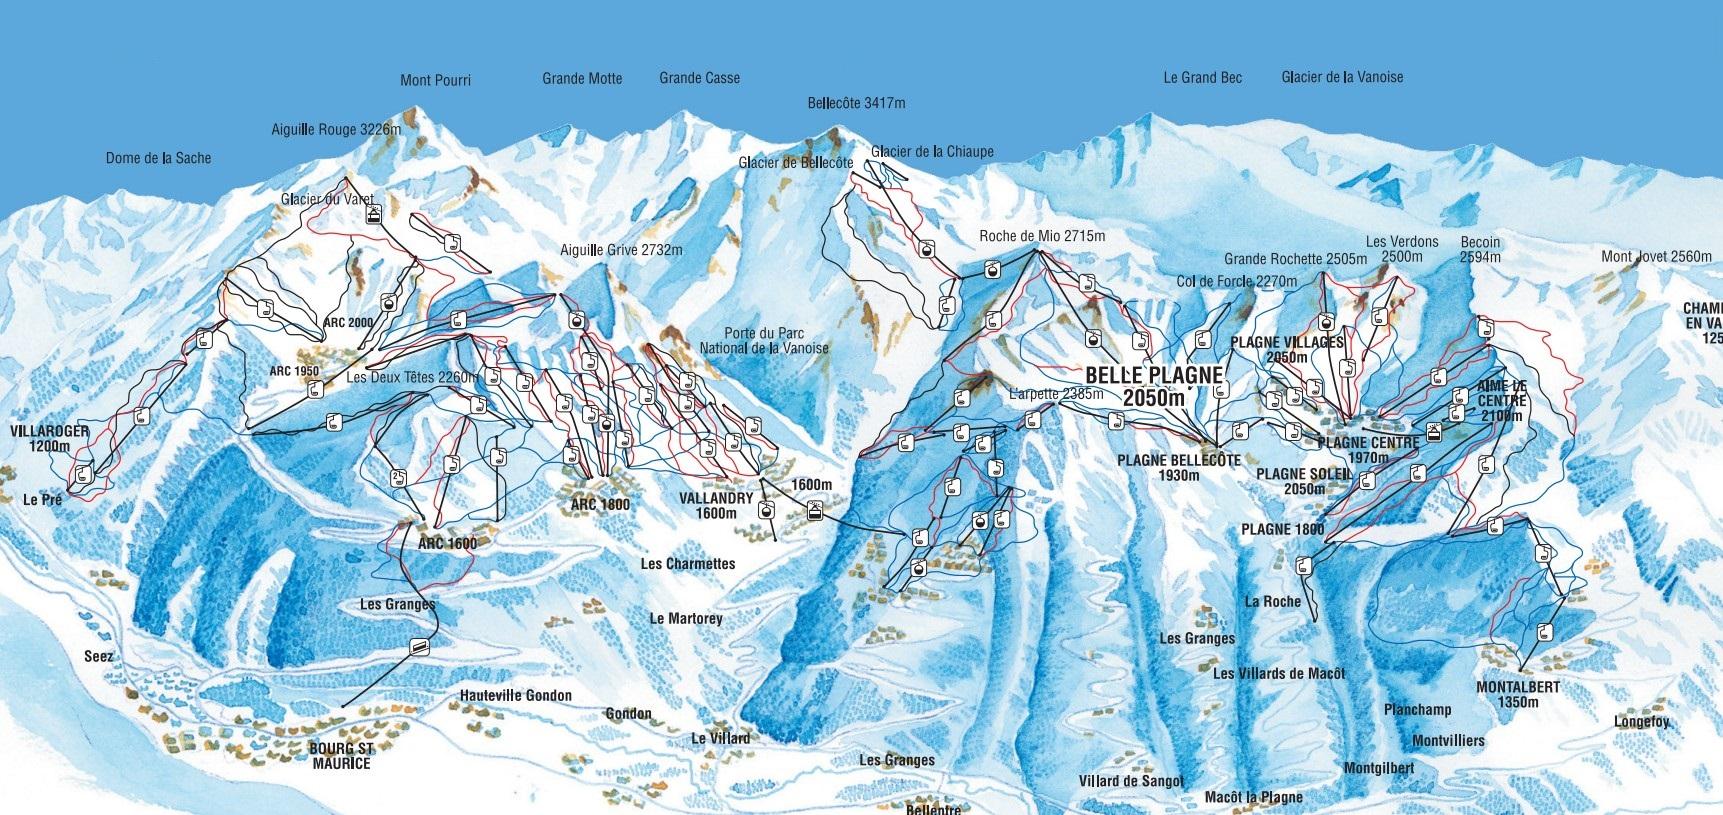 French Alps Ski Resort Packages Elfrance24 Com